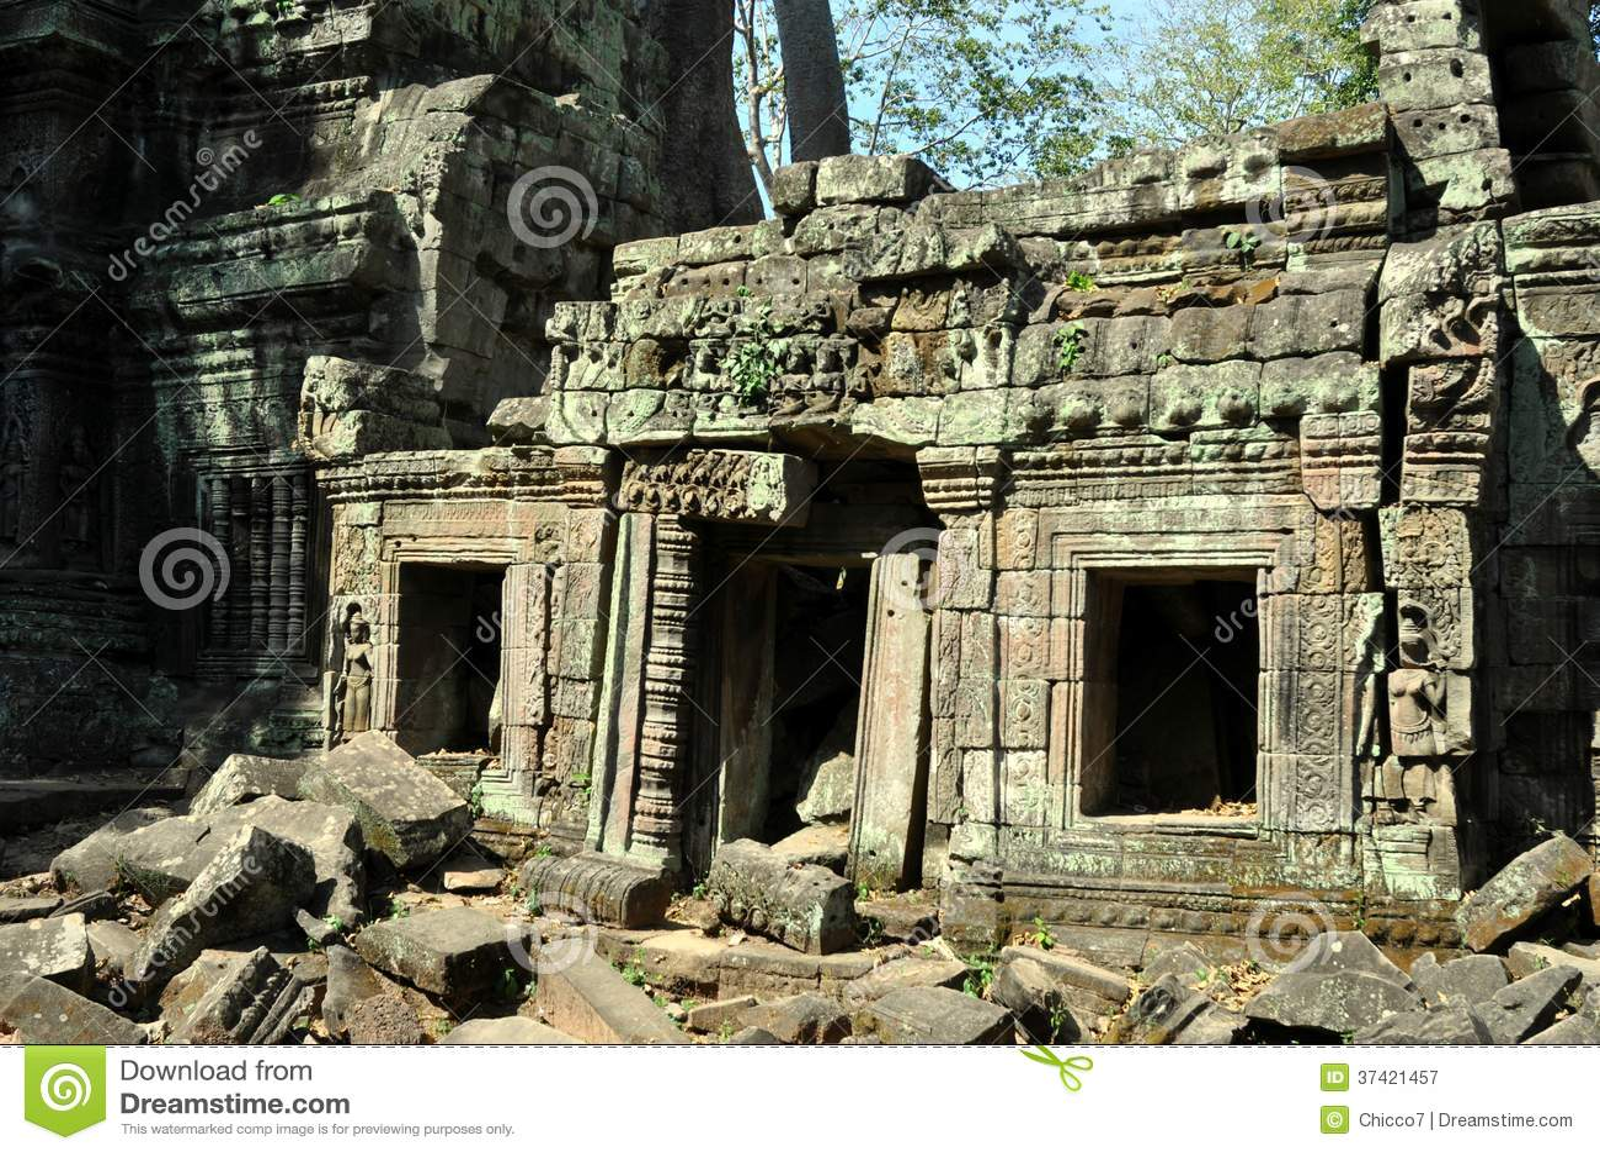 Cambodia - Ta Prohm temple